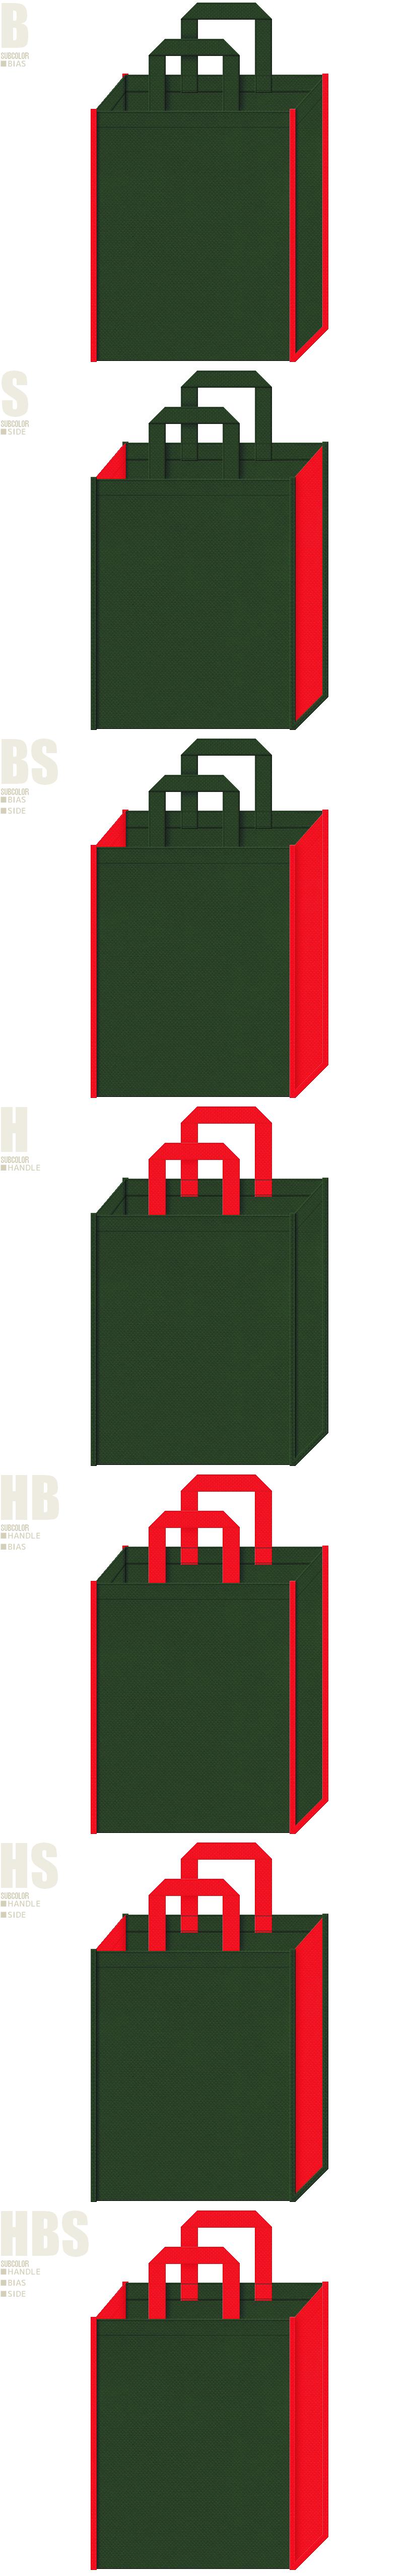 濃緑色と赤色、7パターンの不織布トートバッグ配色デザイン例。クリスマスの不織布バッグにお奨めの配色です。